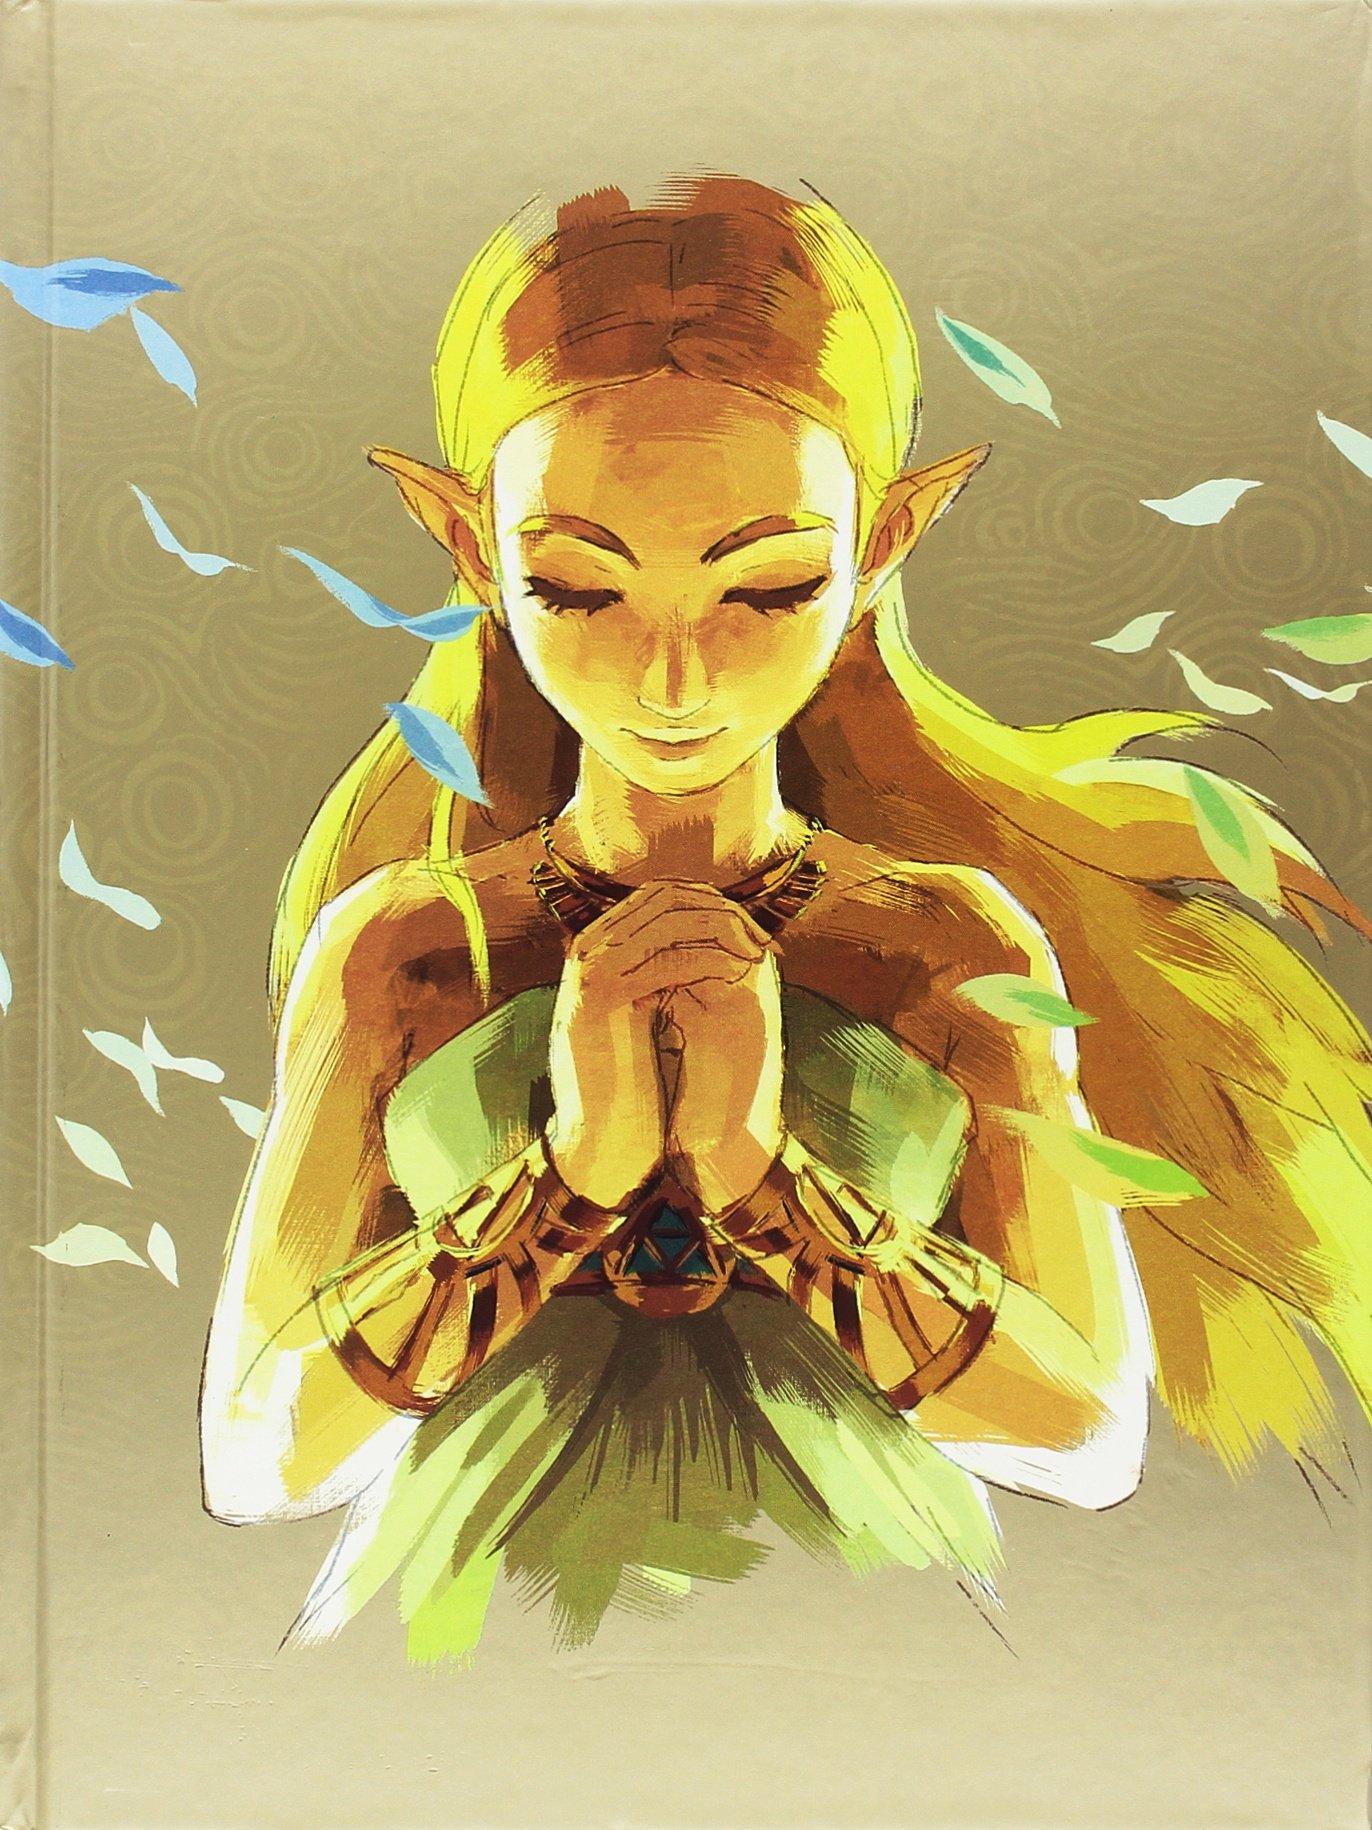 The Legend Of Zelda. Breath Of The Wild. La guía completa oficial - Edición extendida (Castellano) Tapa dura – 21 feb 2018 Vv.Aa Piggyback 1911015532 UD